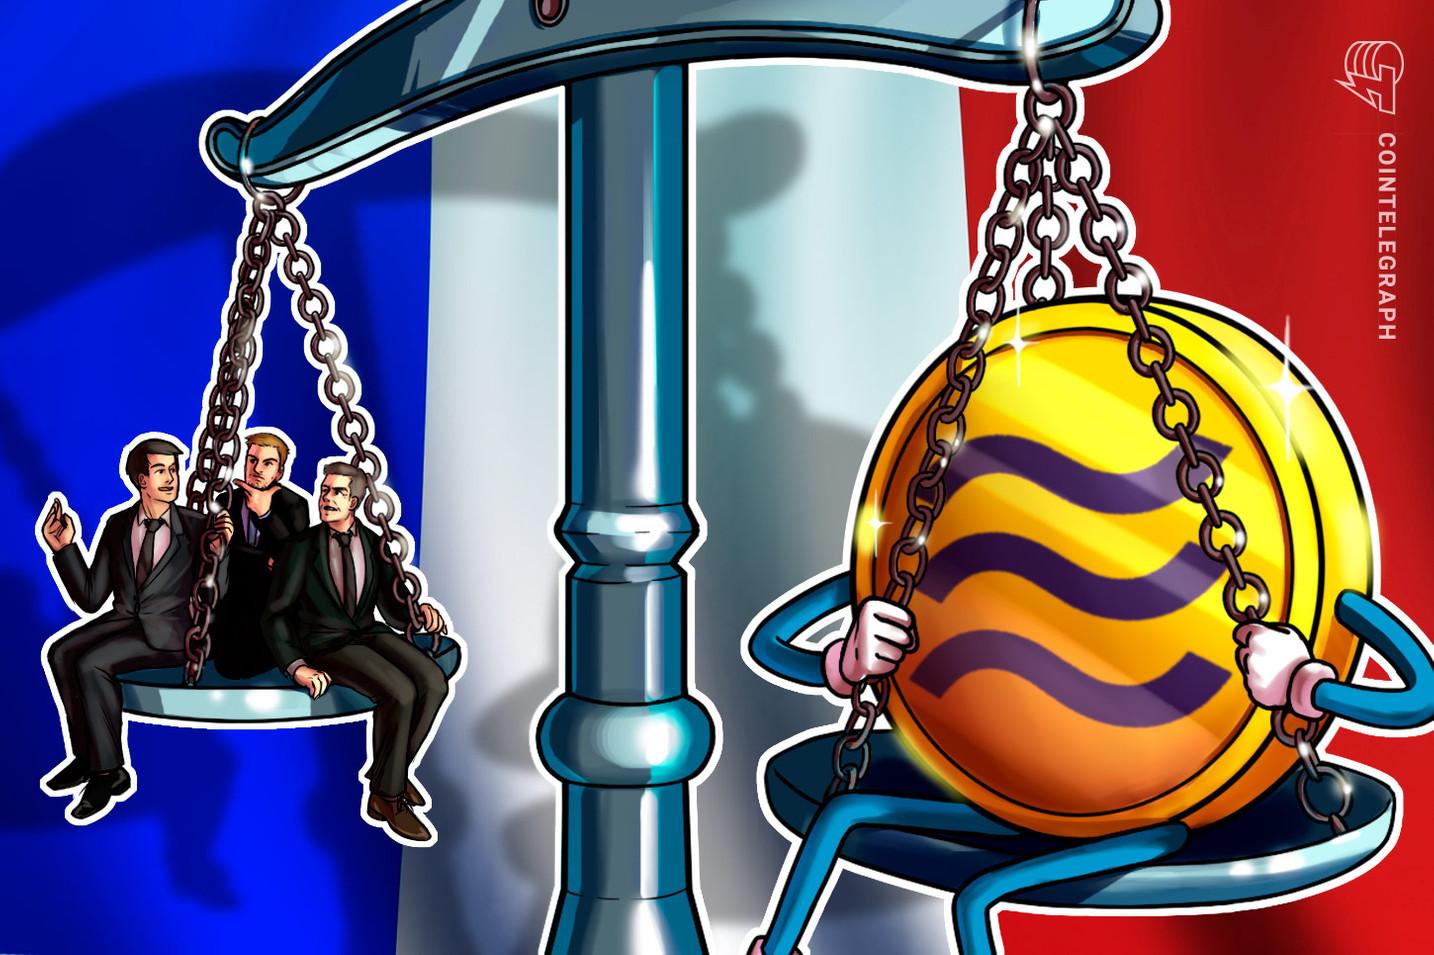 """El ministro de finanzas francés advierte que """"no puede permitir"""" Libra de Facebook"""